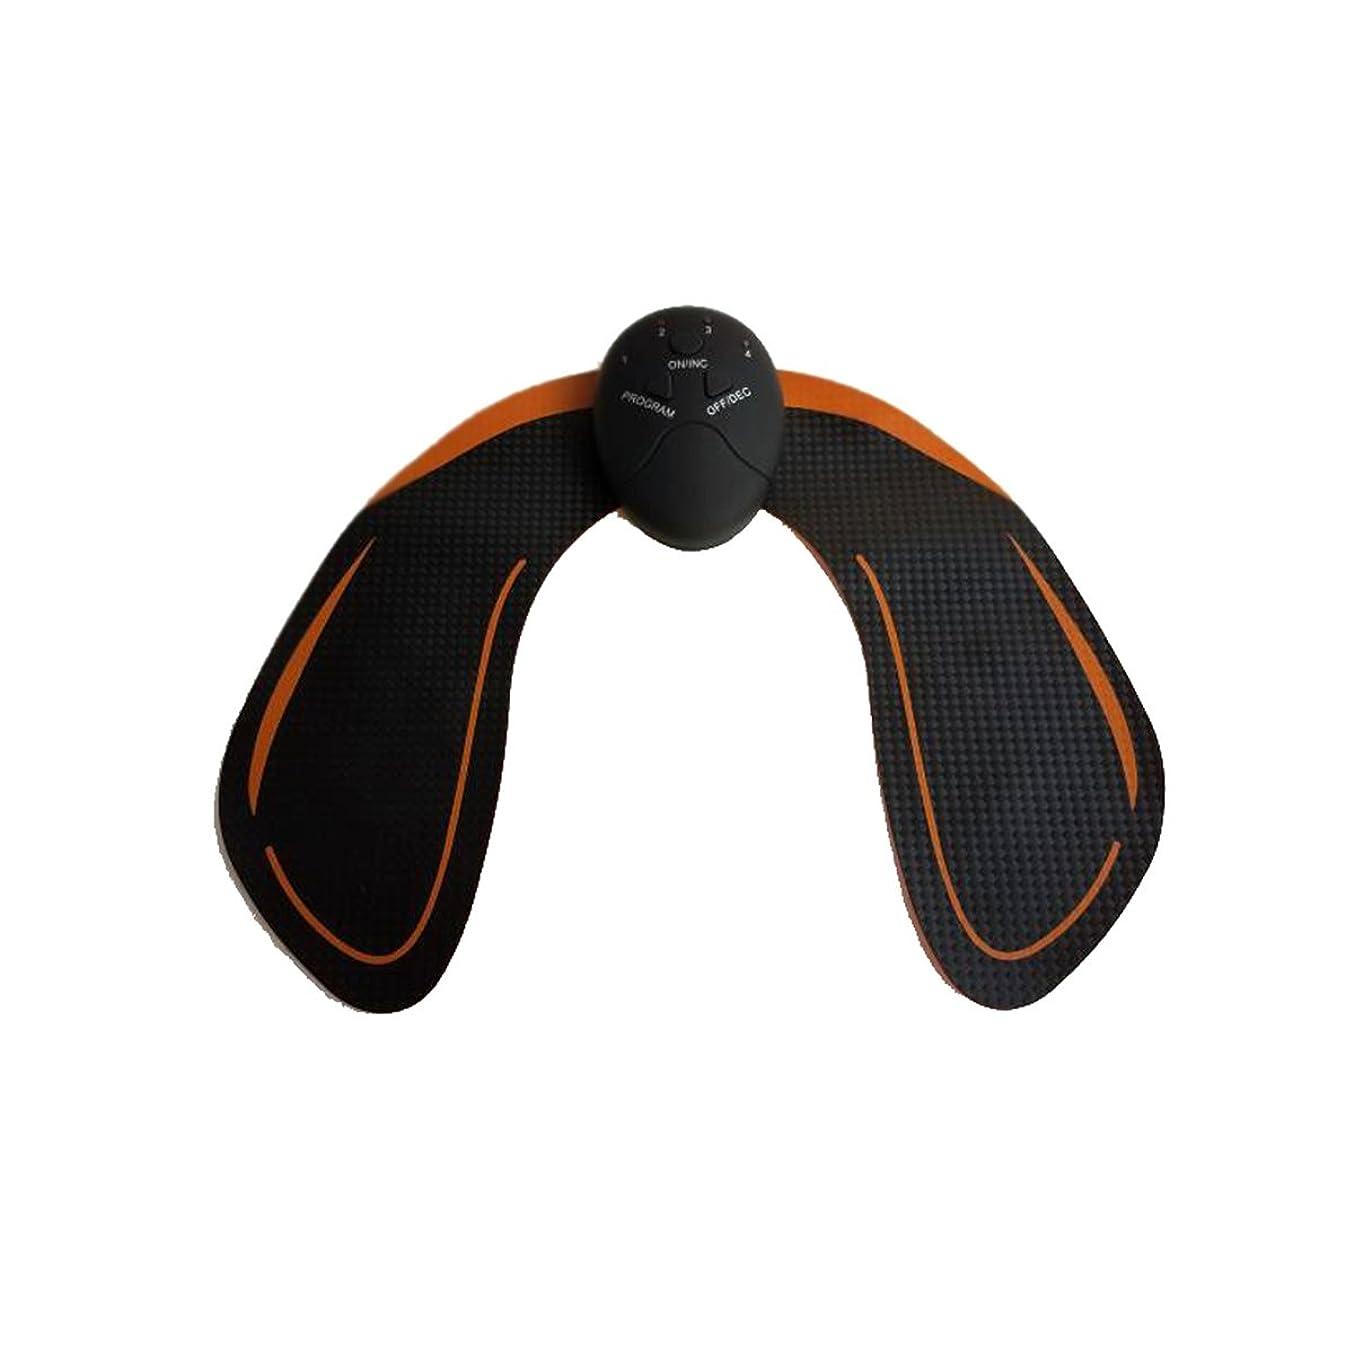 したがってお茶フリルHealifty EMS トレーニングパッド ヒップアップ お尻専用 多機能 筋トレ器具 ダイエット 筋肉振動 引き締める 強さ階段調節 電池式 男女兼用(黒)